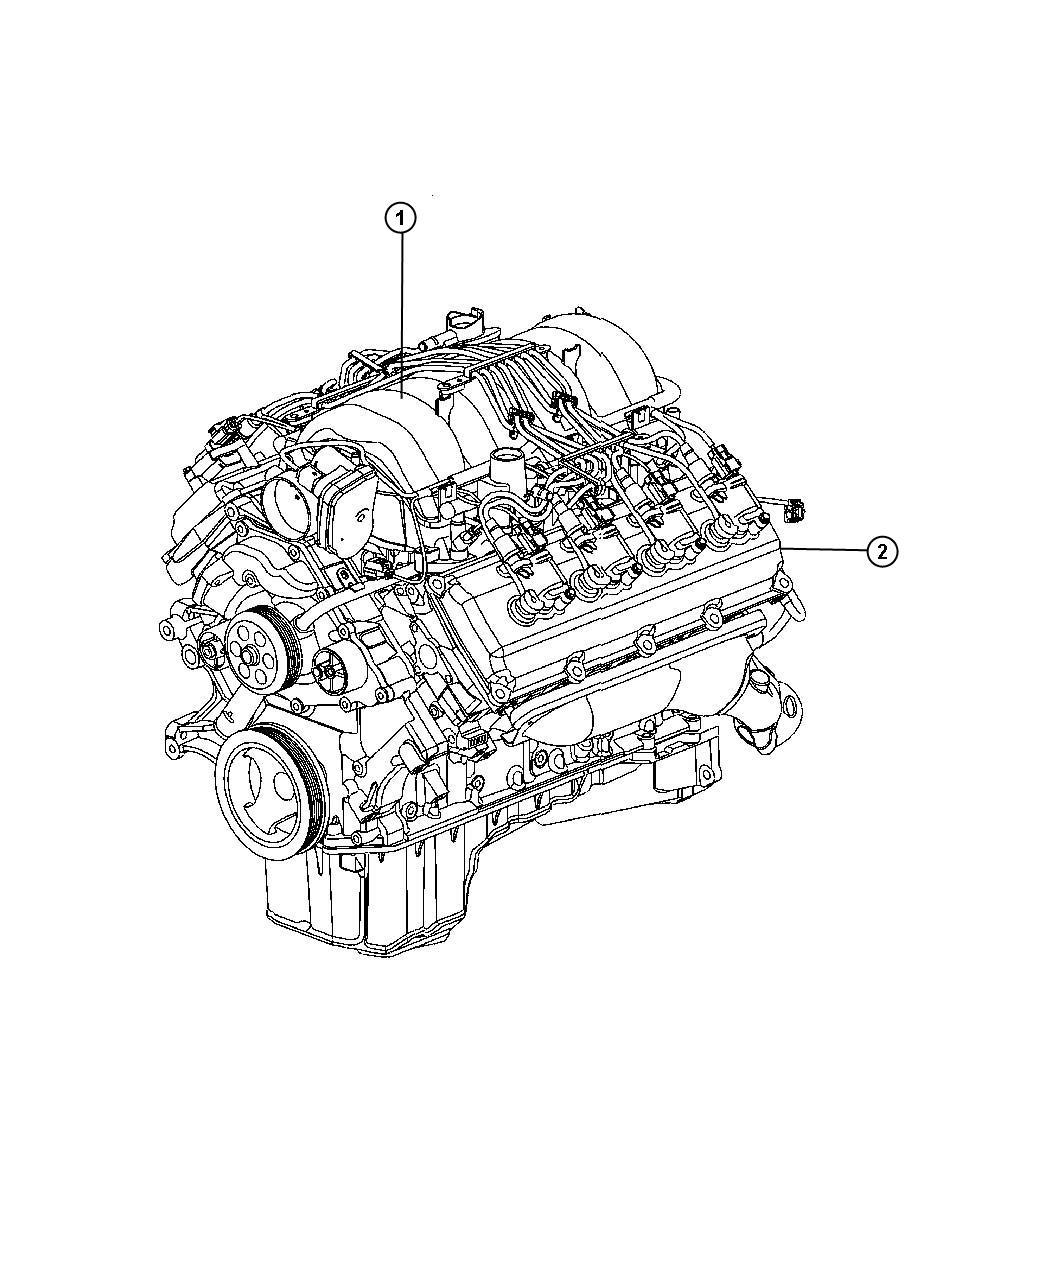 Chrysler 300 Engine Long Block Brazil Oil Pan Equipped